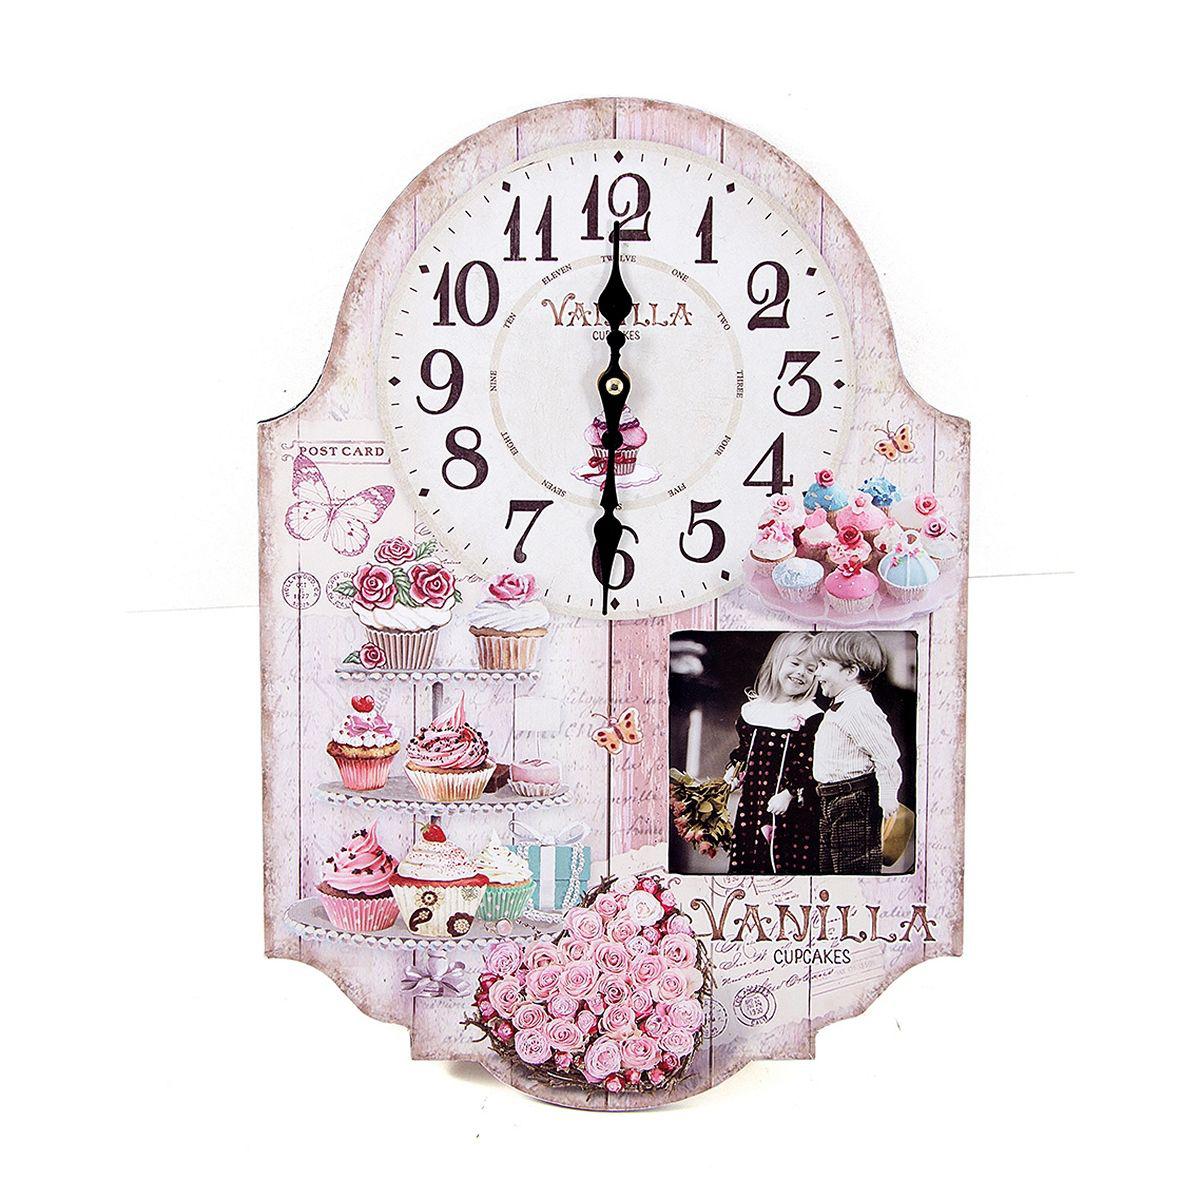 Часы настенные Русские Подарки, 29 х 5 х 42 см. 2963629636Настенные кварцевые часы Русские Подарки изготовлены из МДФ. Корпус оформлен изображением цветов и пирожных, а также украшен вставкой с изображением детей. Часы имеют две стрелки - часовую и минутную. С обратной стороны имеетсяпетелька для подвешивания на стену.Изящные часы красиво и оригинально оформят интерьер дома или офиса.Часы работают от батареек типа АА (в комплект не входят).